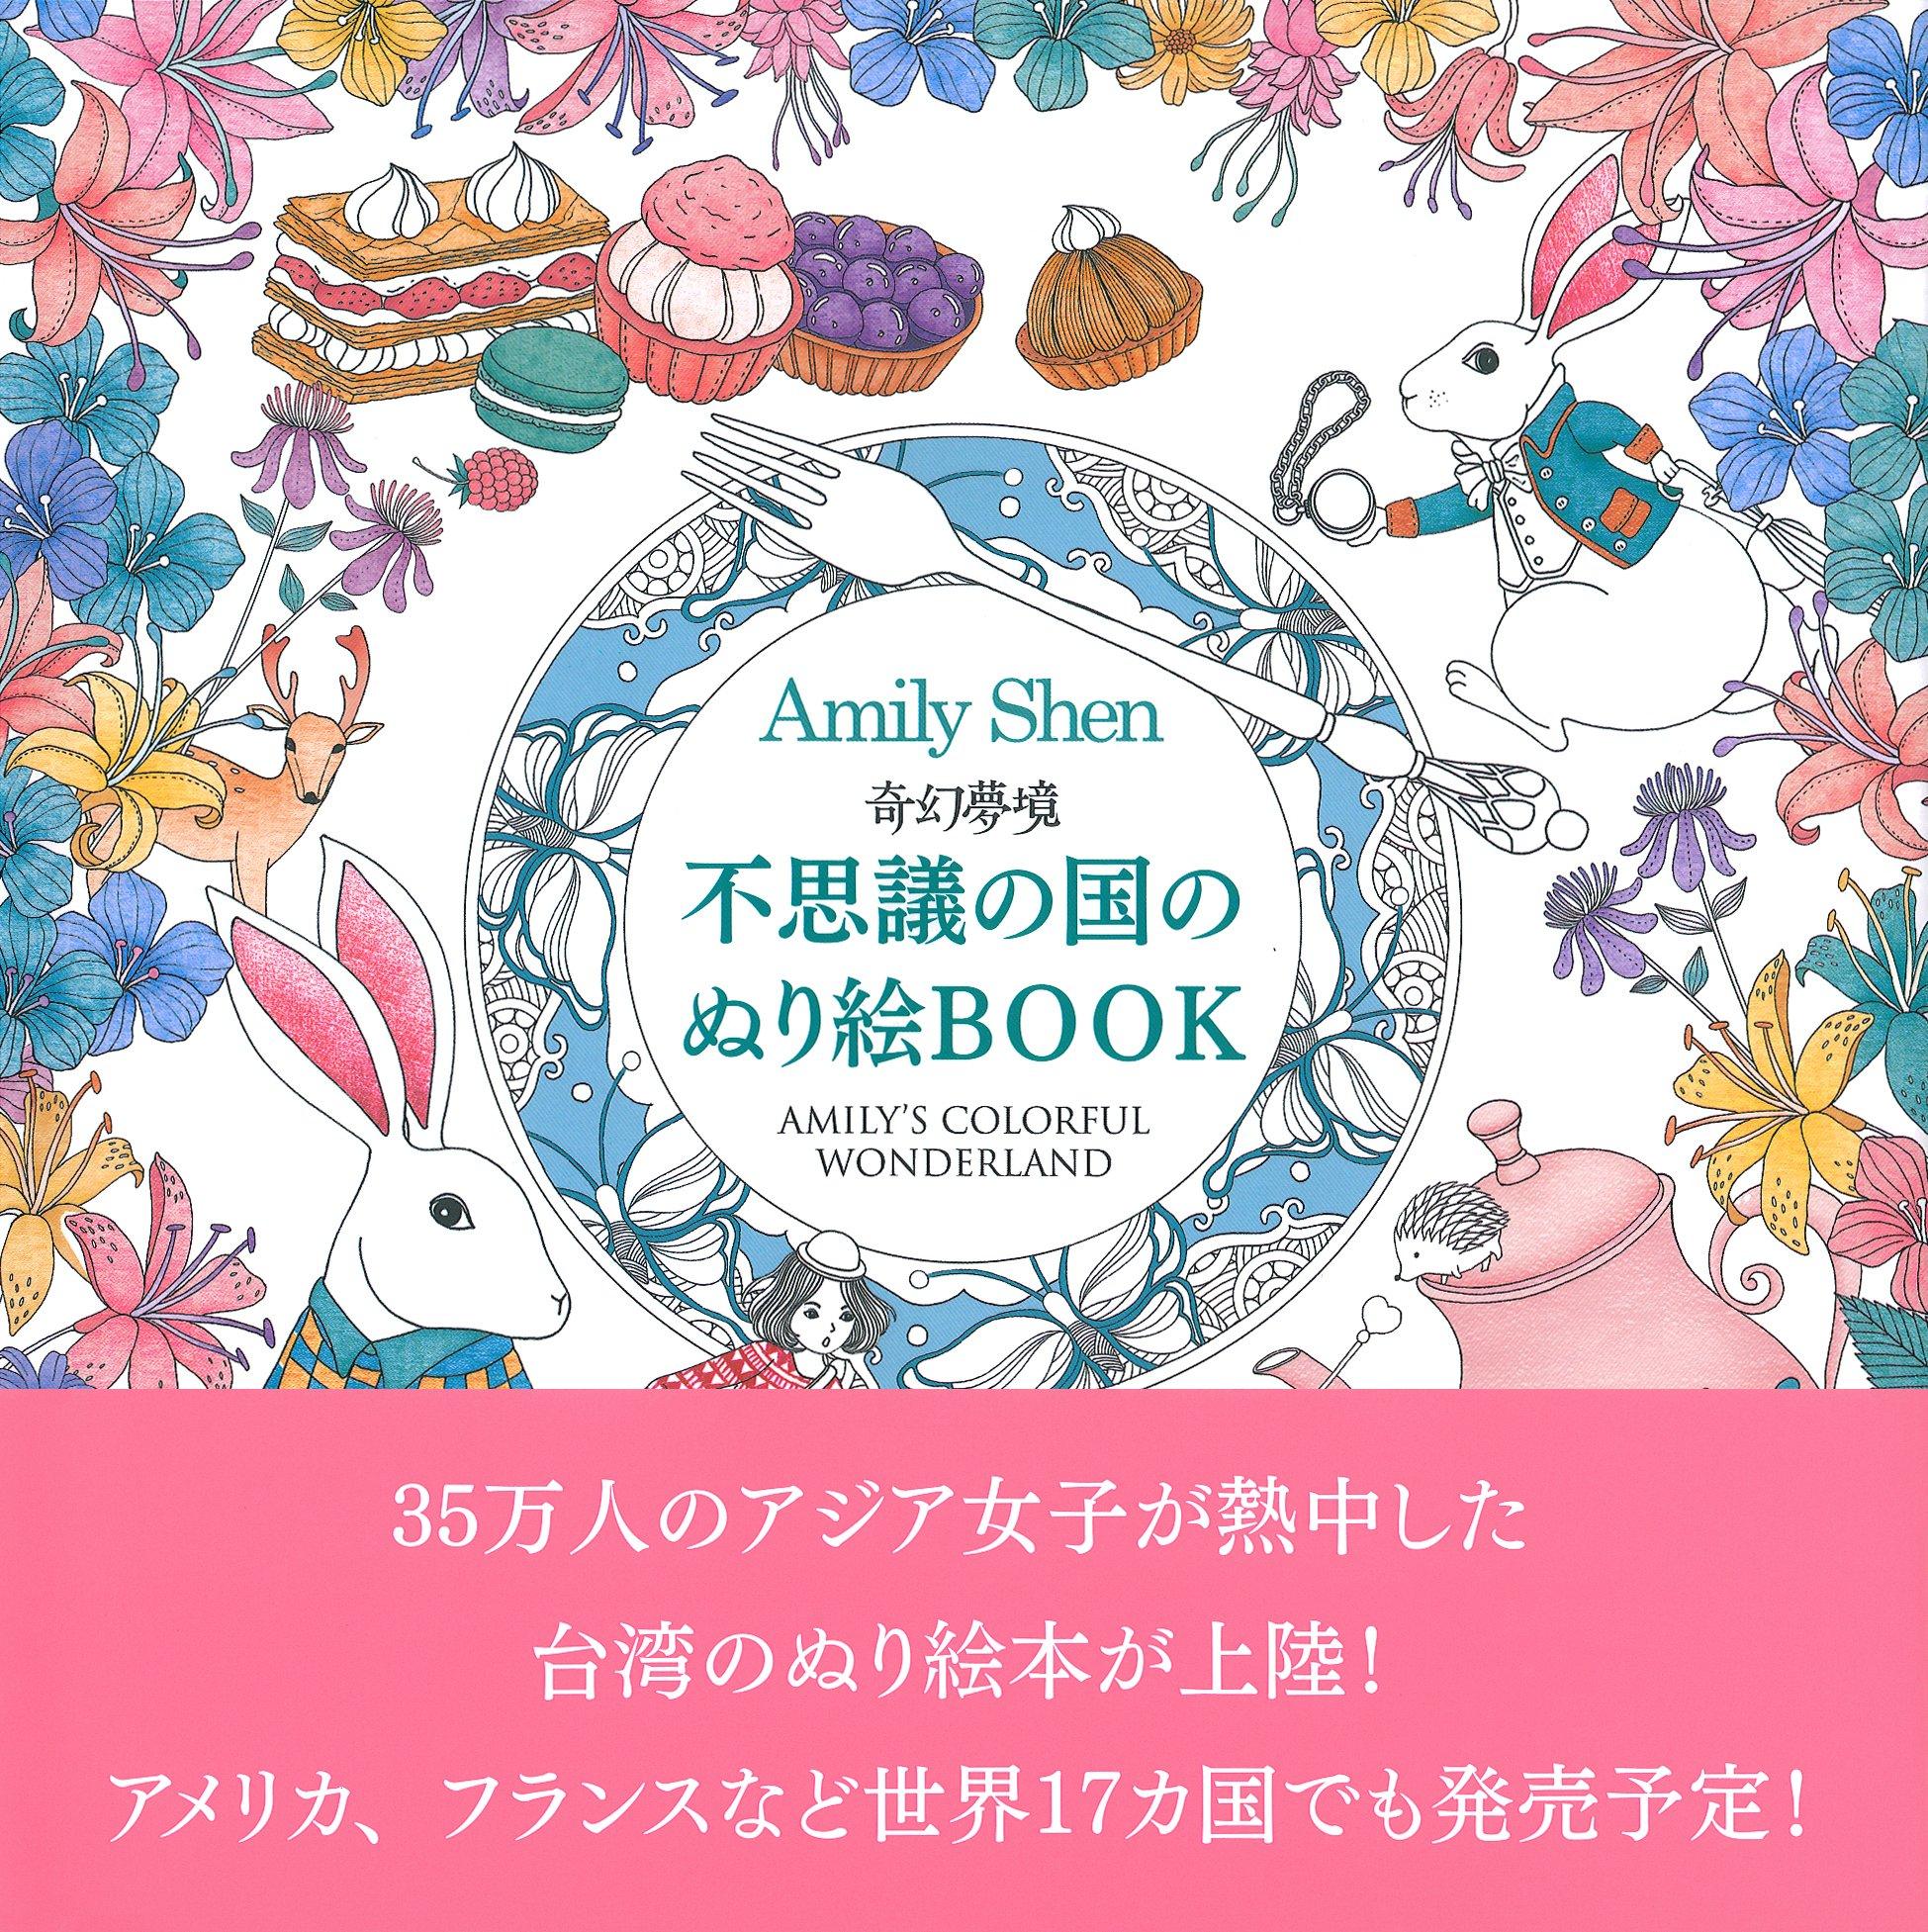 不思議の国のぬり絵book Amily Shen 本 通販 Amazon